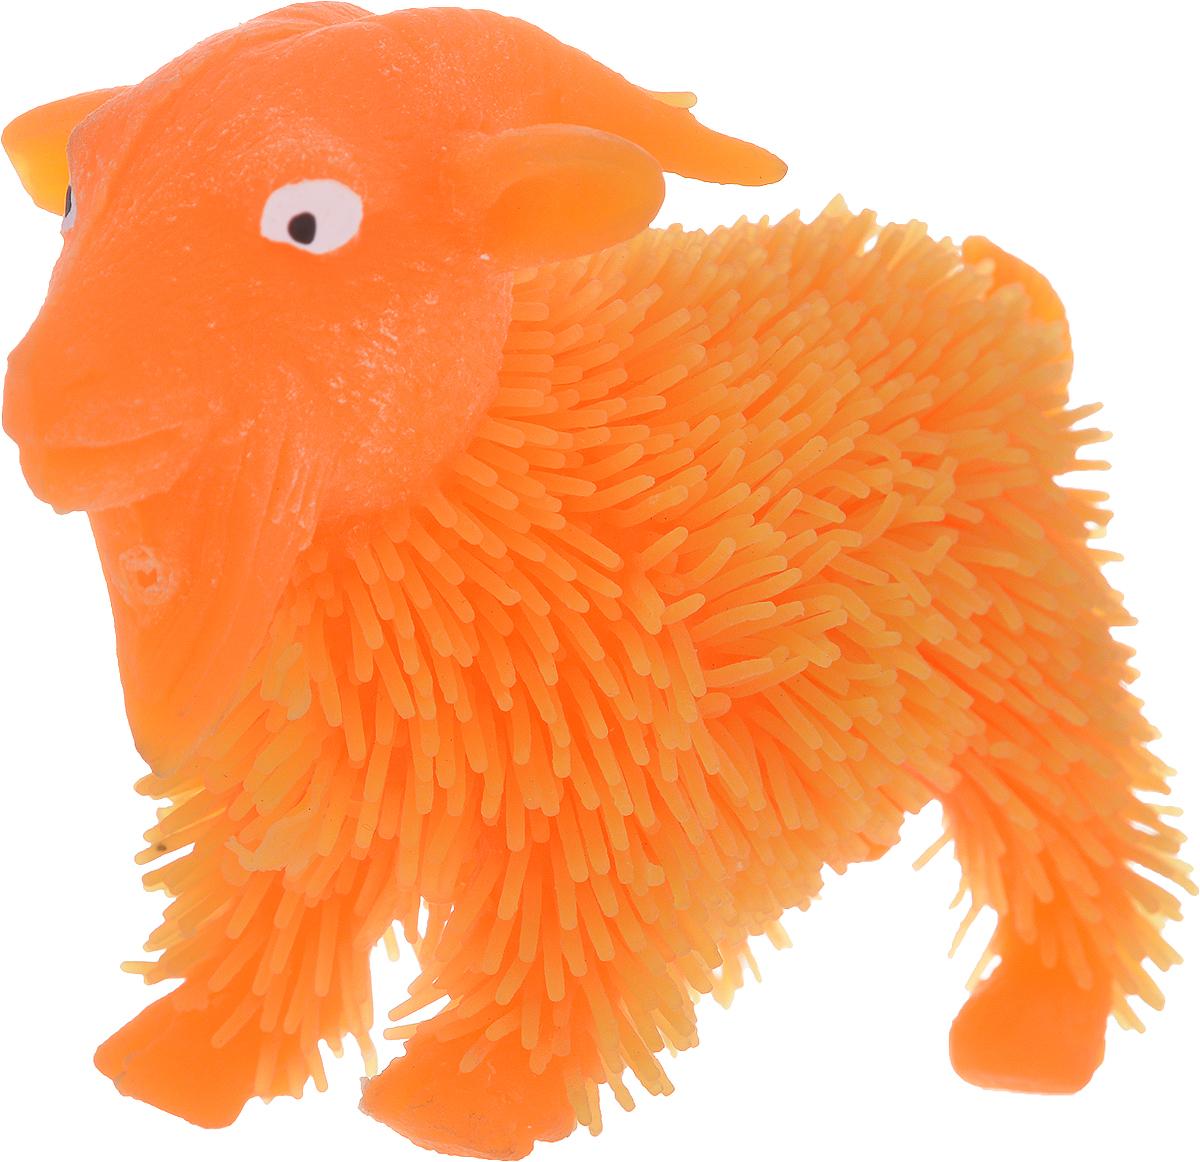 1TOY Антистрессовая игрушка Нью-Ёжики Козел цвет оранжевый 1toy игрушка антистресс ё ёжик животное цвет бежевый